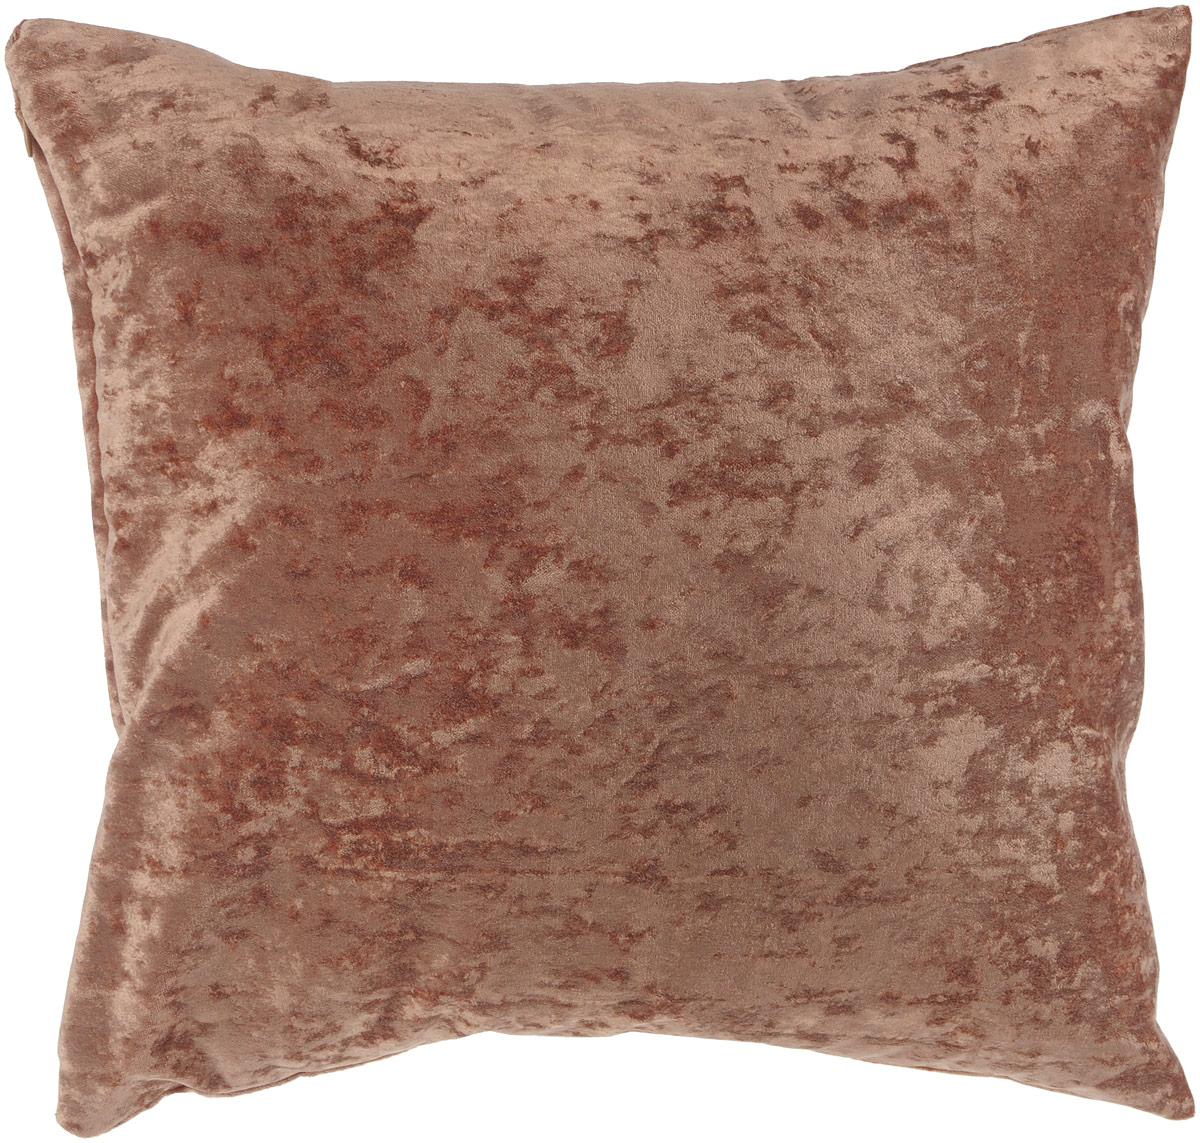 Подушка декоративная KauffOrt Бархат, цвет: коричневый, 40 x 40 смZ-0307Декоративная подушка Бархат прекрасно дополнит интерьер спальни или гостиной. Бархатистый на ощупь чехол подушки выполнен из 49% вискозы, 42% хлопка и 9% полиэстера. Внутри находится мягкий наполнитель. Чехол легко снимается благодаря потайной молнии.Красивая подушка создаст атмосферу уюта и комфорта в спальне и станет прекрасным элементом декора.